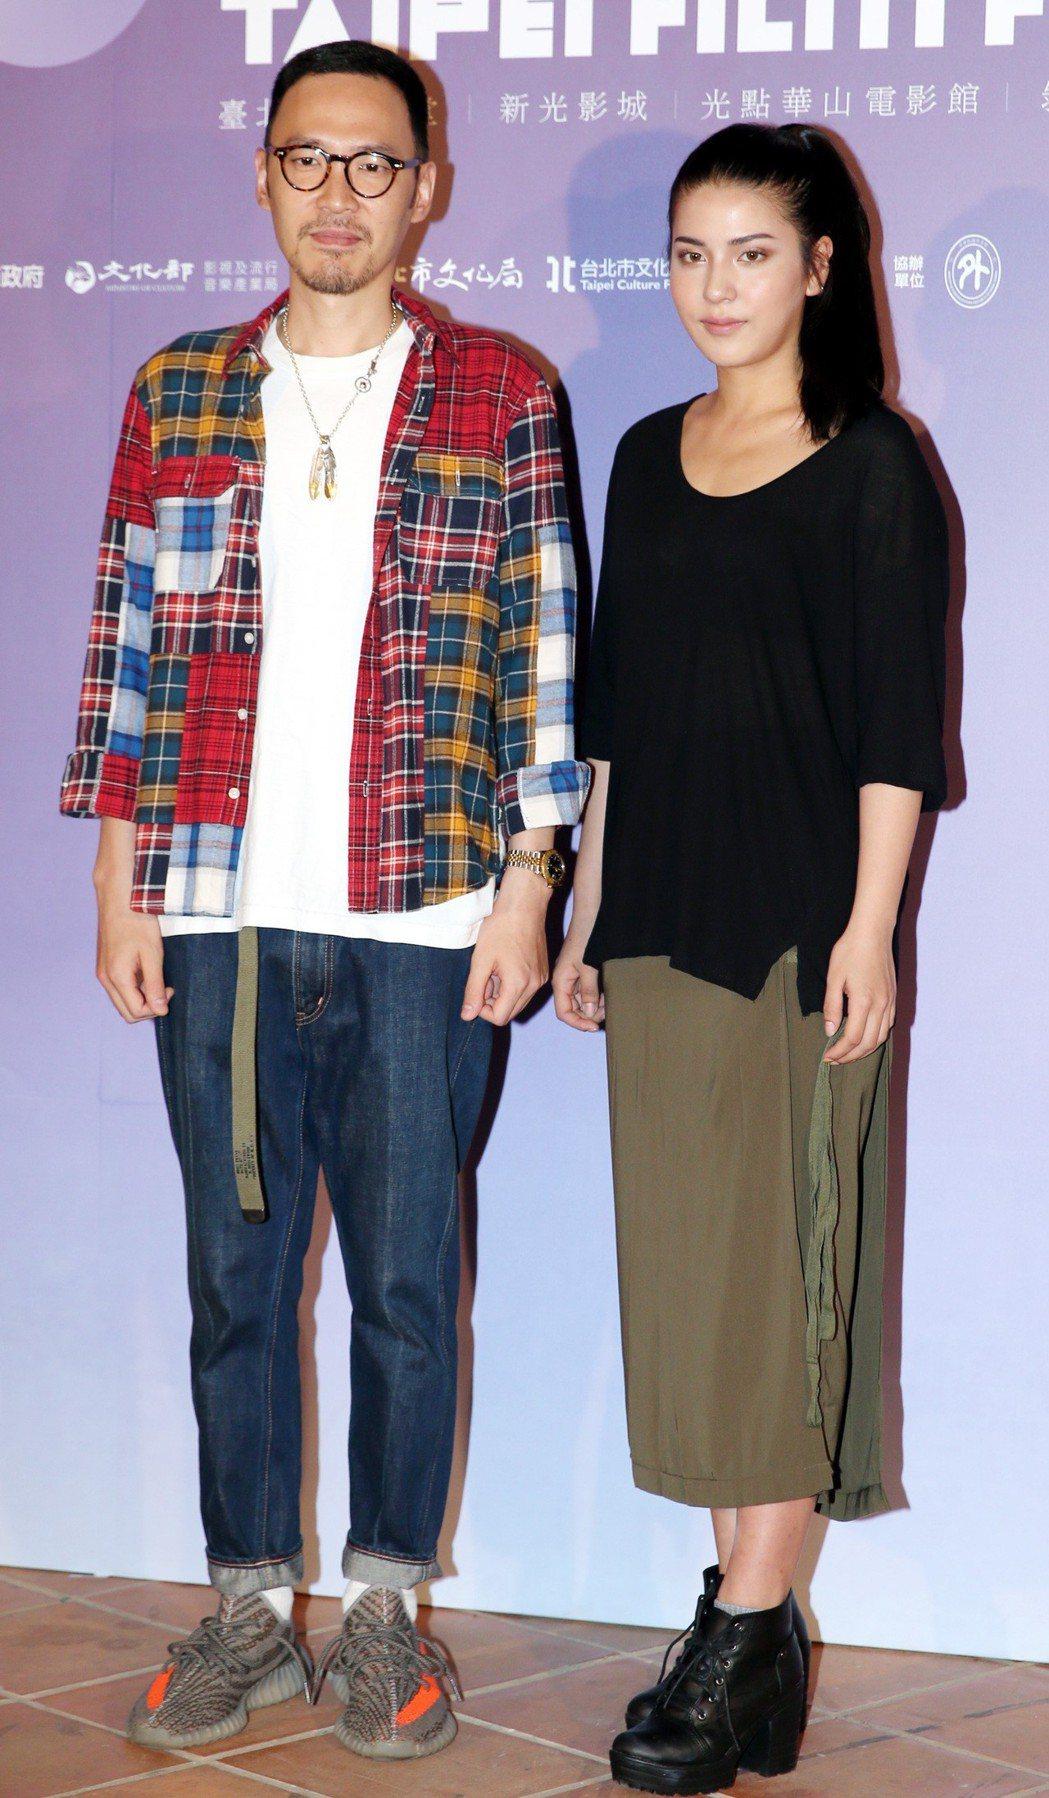 2018台北電影節形象廣告演員張少懷(左)與雷婕熙(右)出席發布會。記者侯永全/...